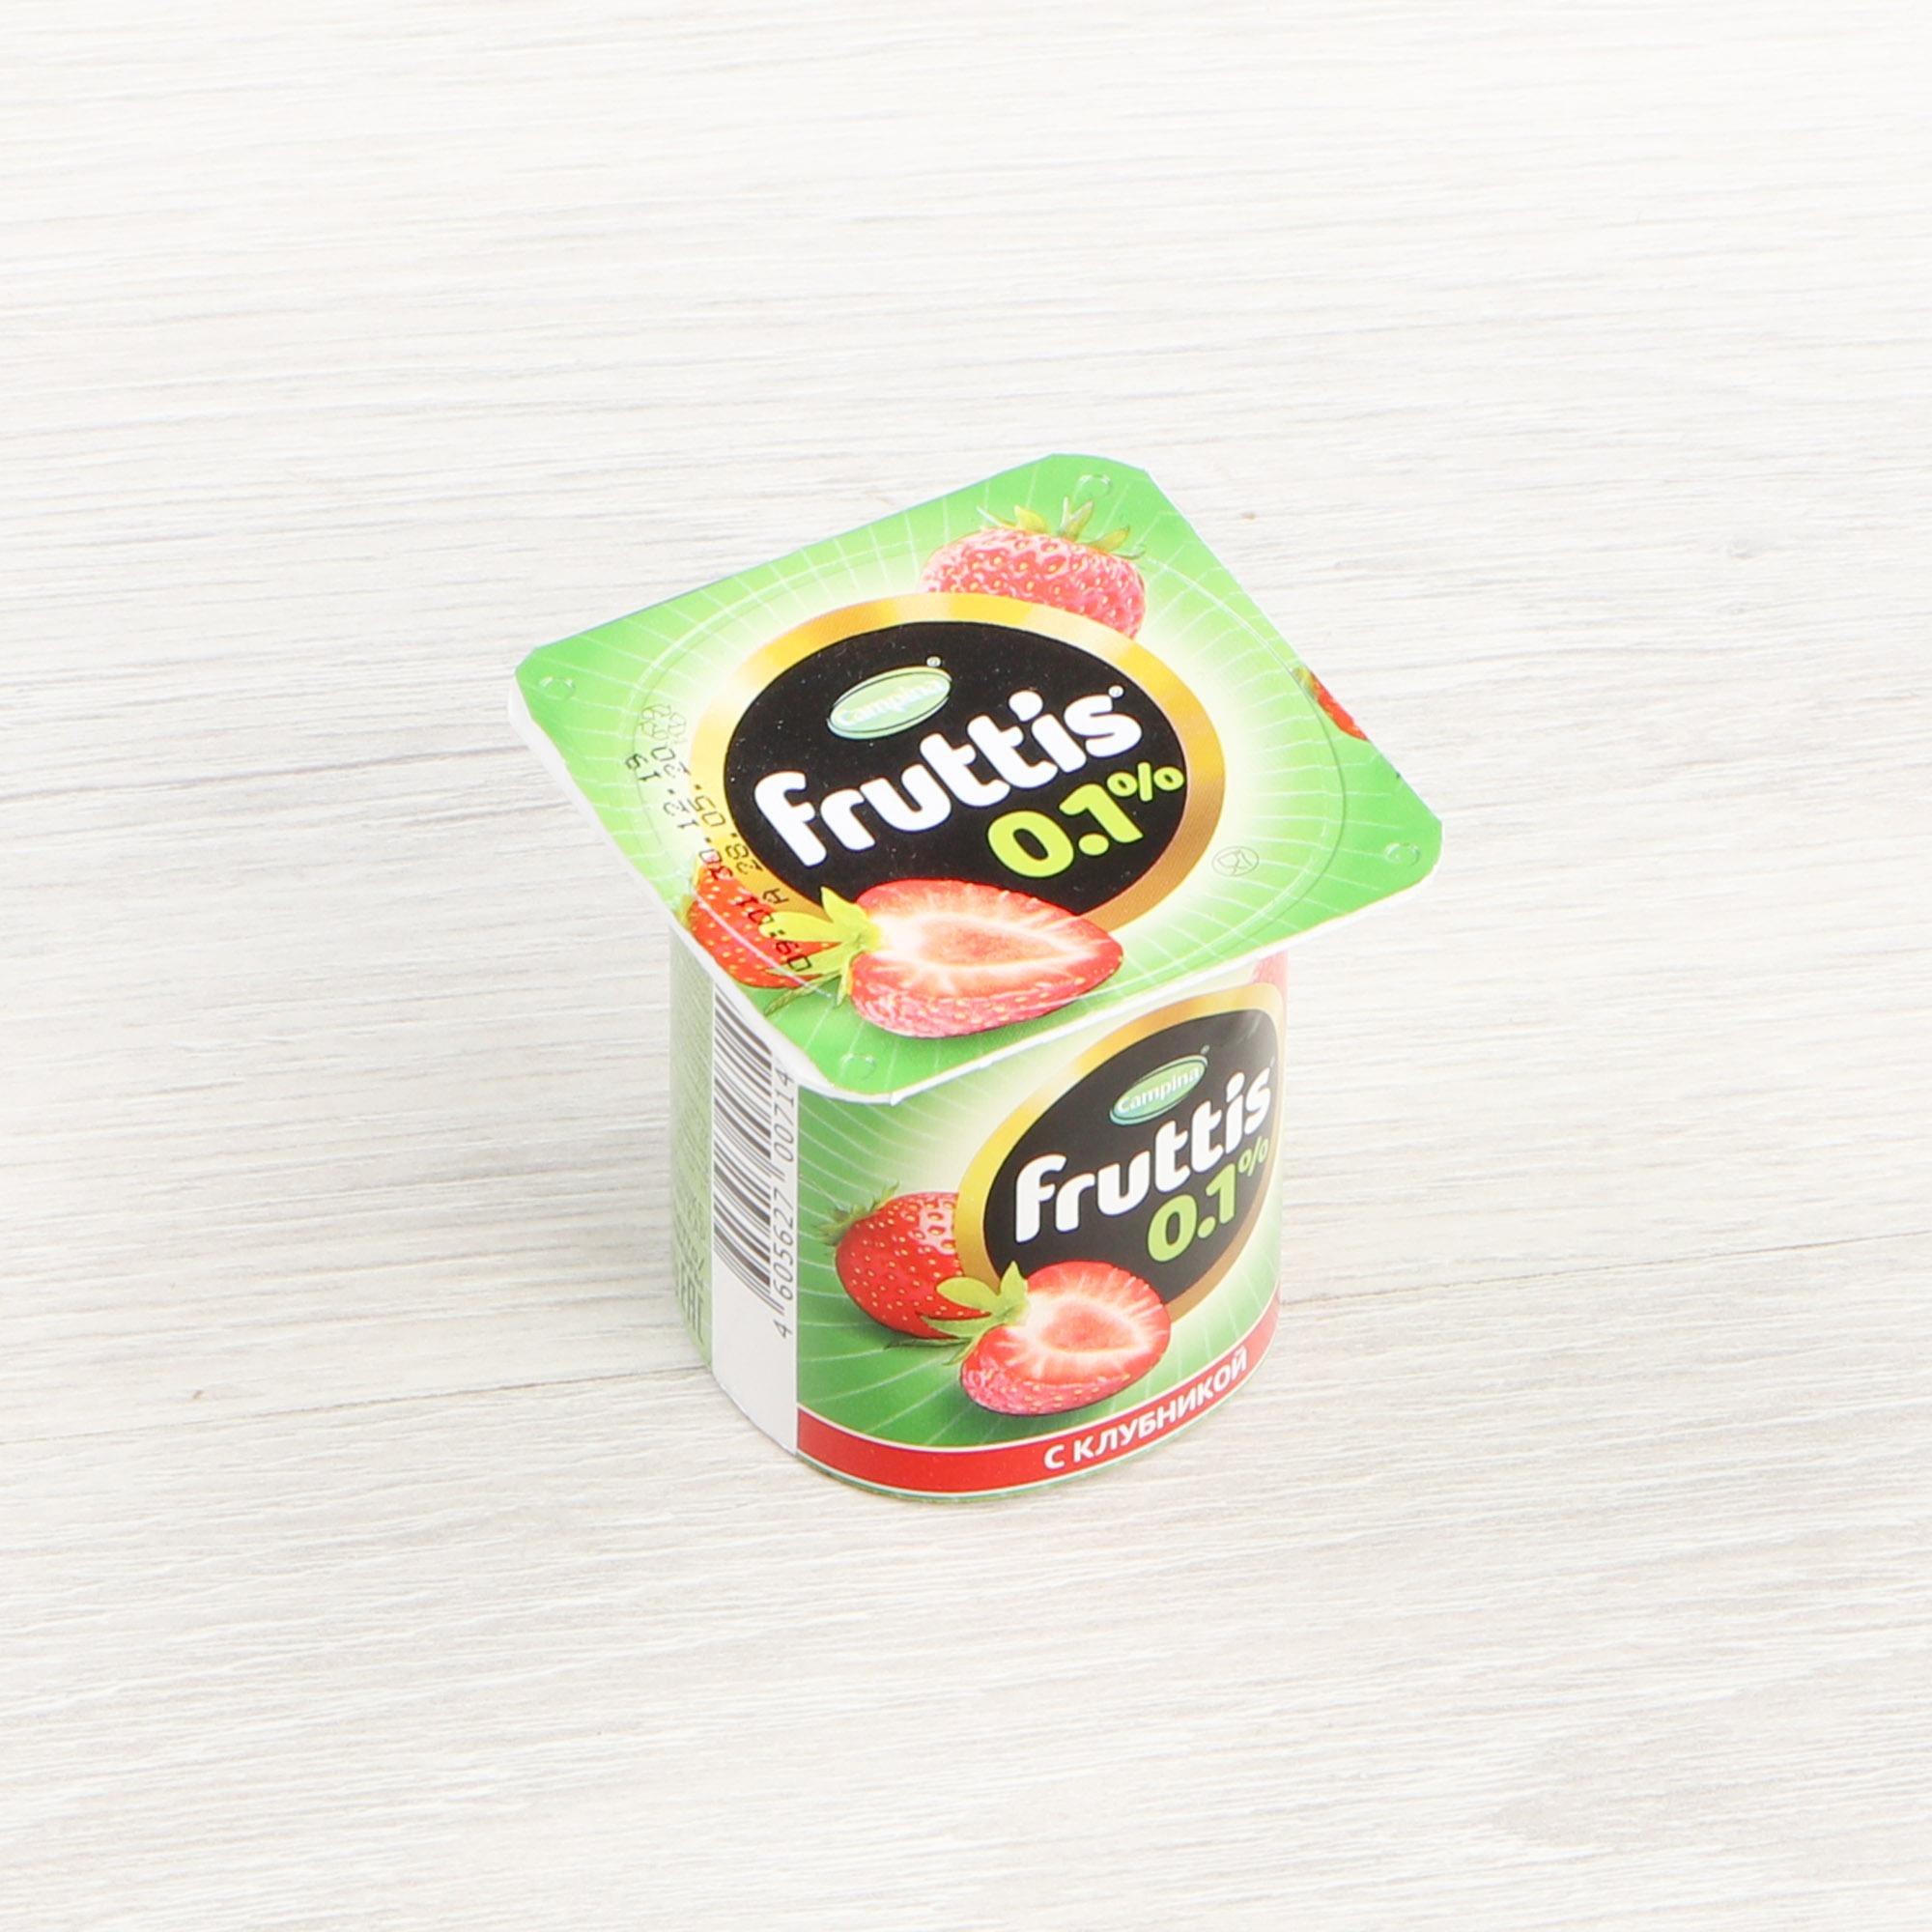 Фото - Йогурт Campina Fruttis Легкий Клубника 0,1% 110 г йогурт campina fruttis легкий клубника 0 1% 110 г